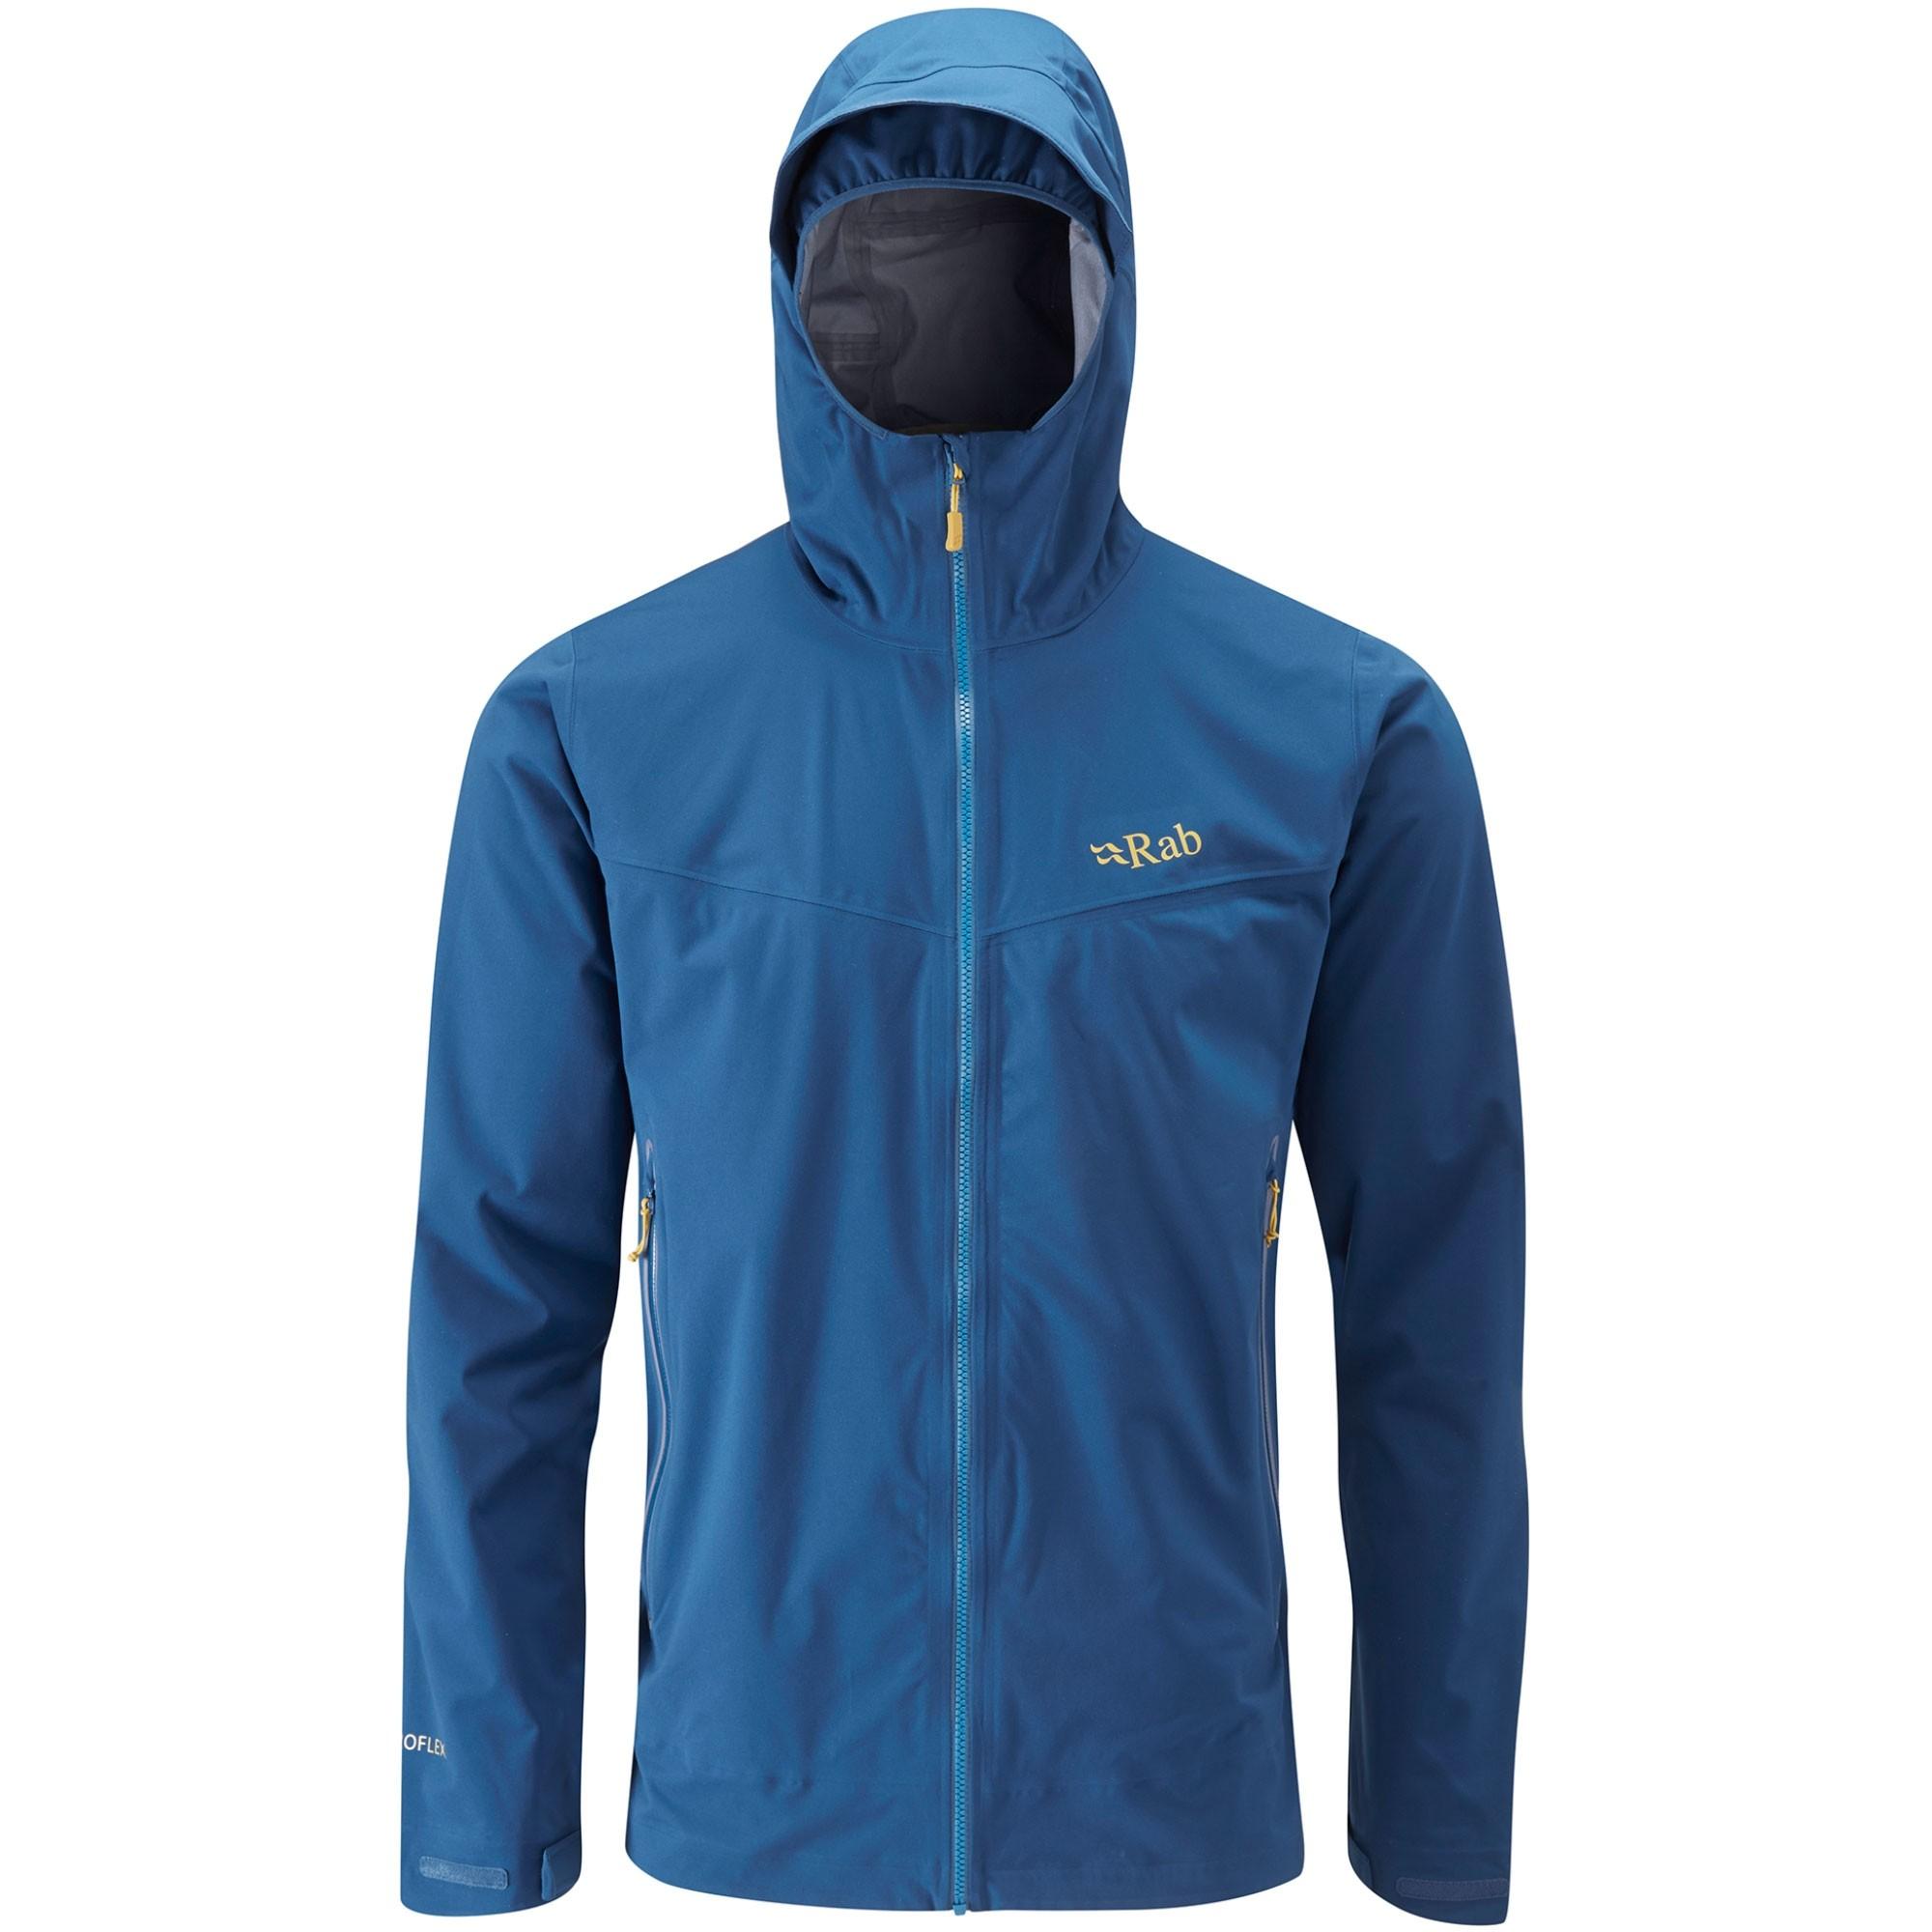 Rab Kinetic Plus Men's Waterproof Jacket - Ink